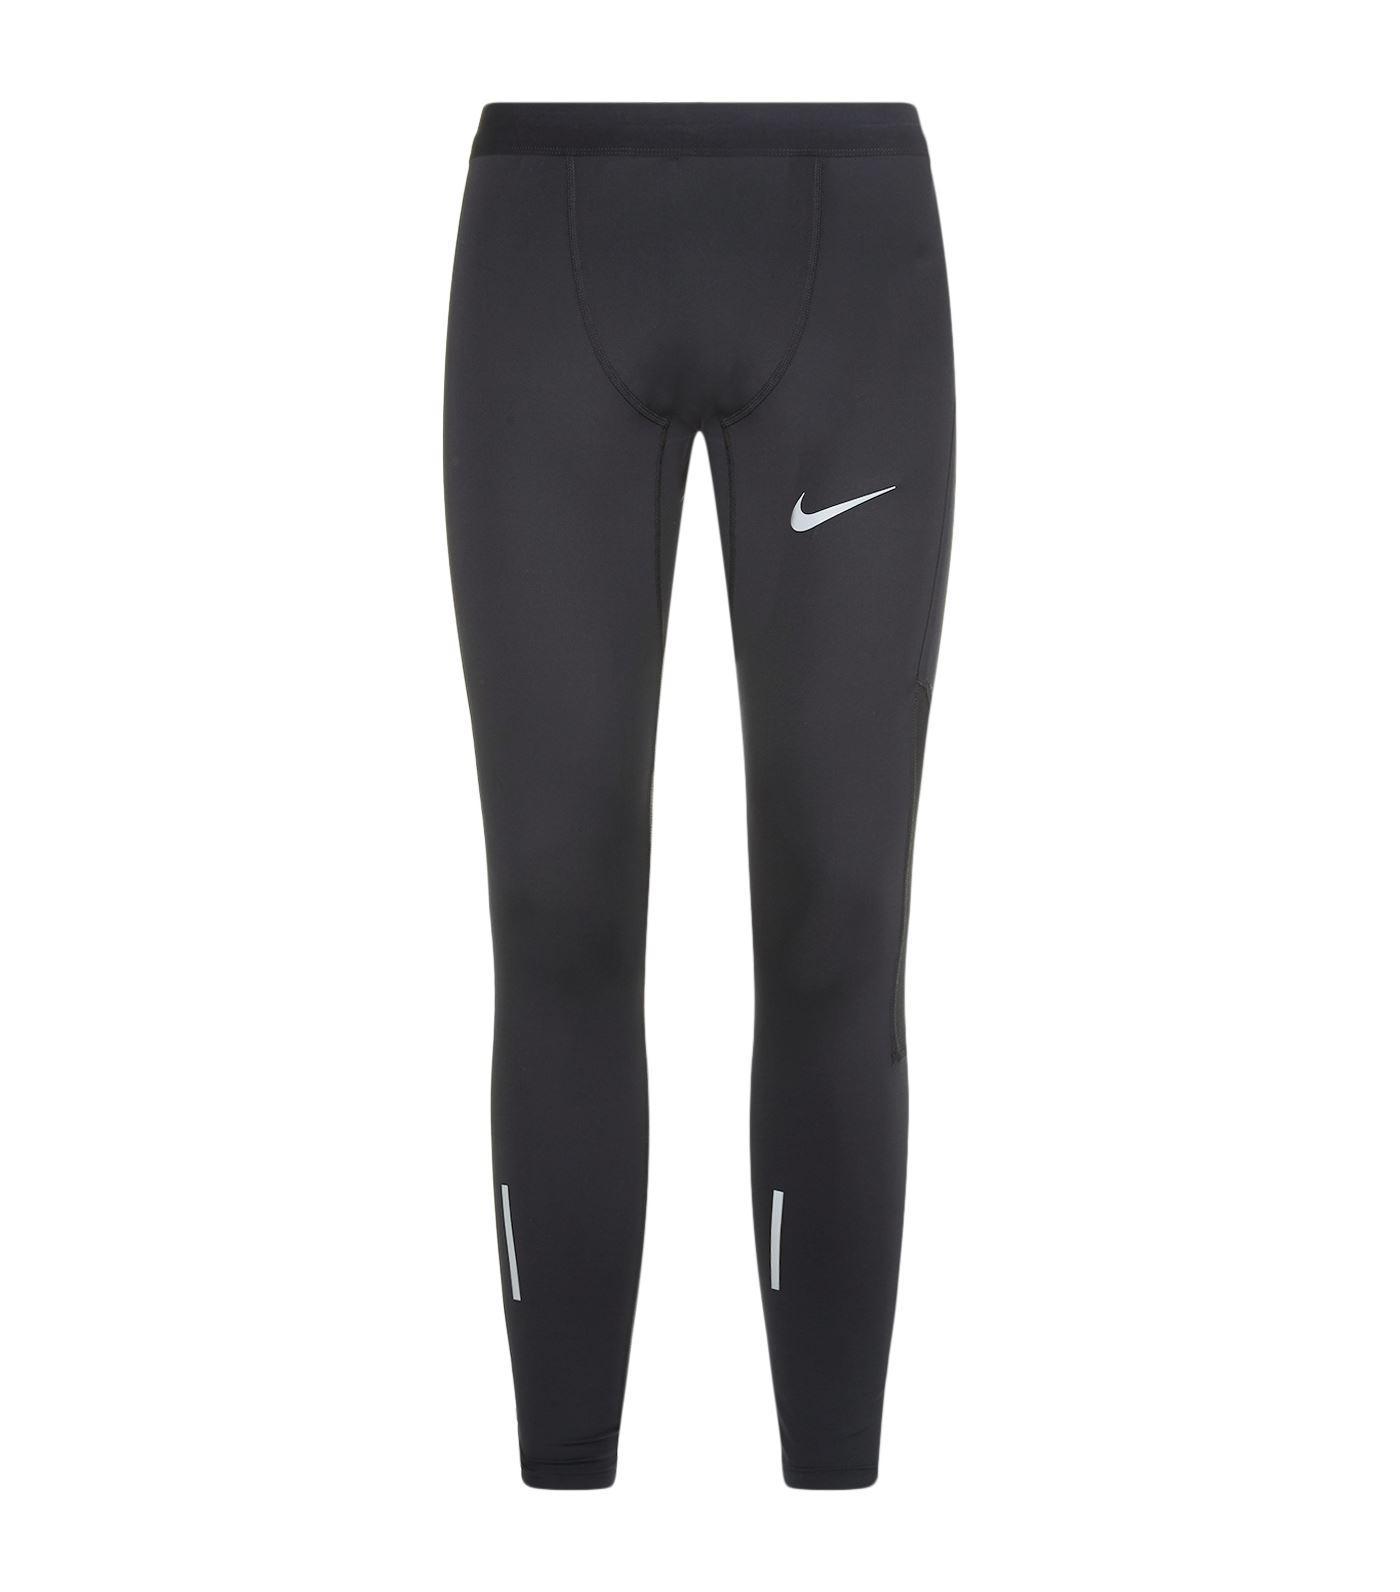 Nike Tech Dri-fit Tights - Black